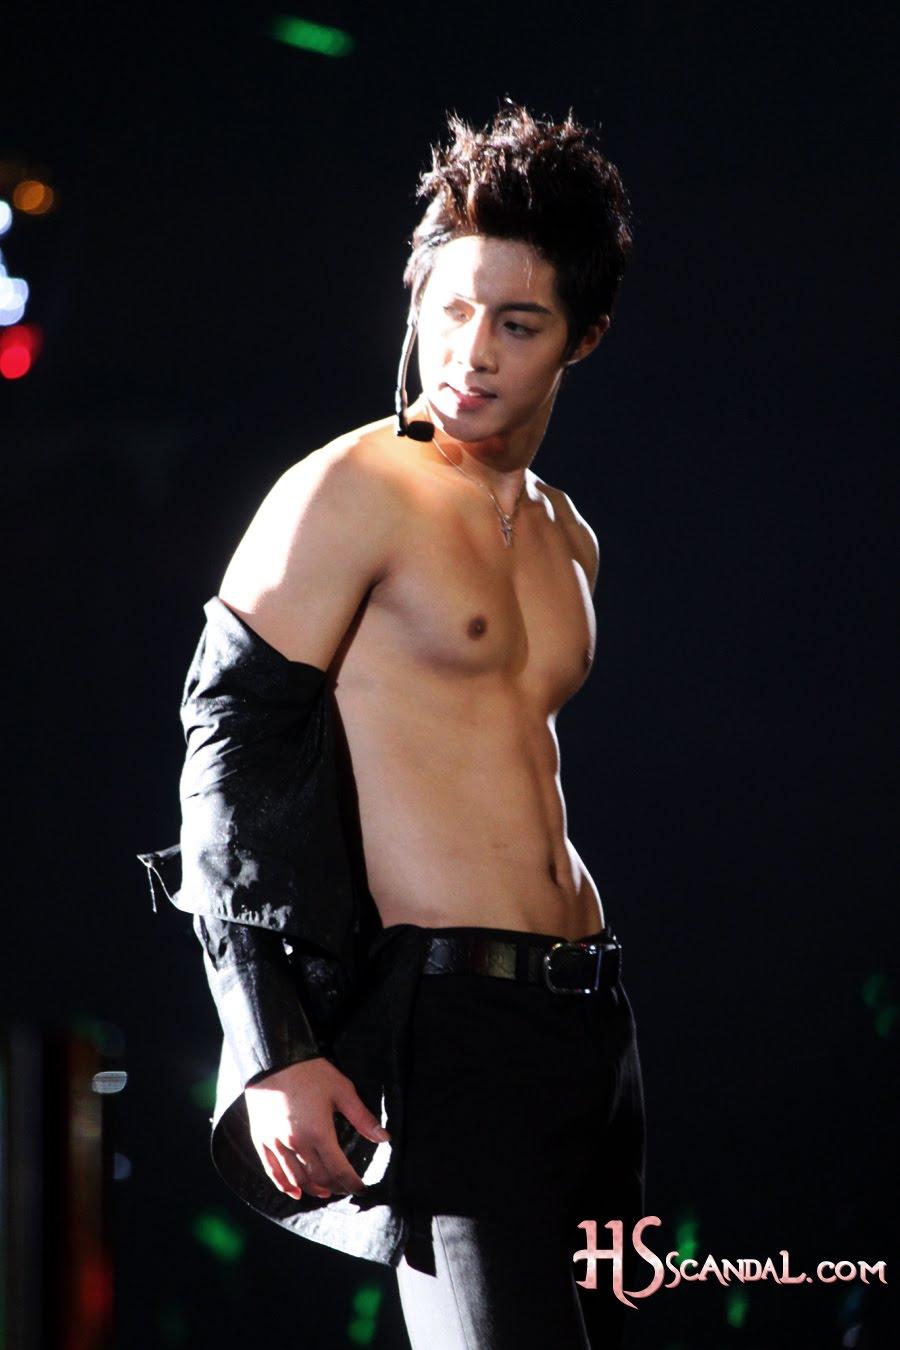 http://3.bp.blogspot.com/_vu9uqzISxb0/TEfLYfe8wWI/AAAAAAAAMHA/zE7Z2ChAHwk/s1600/naked+hyun+joong%21.jpg